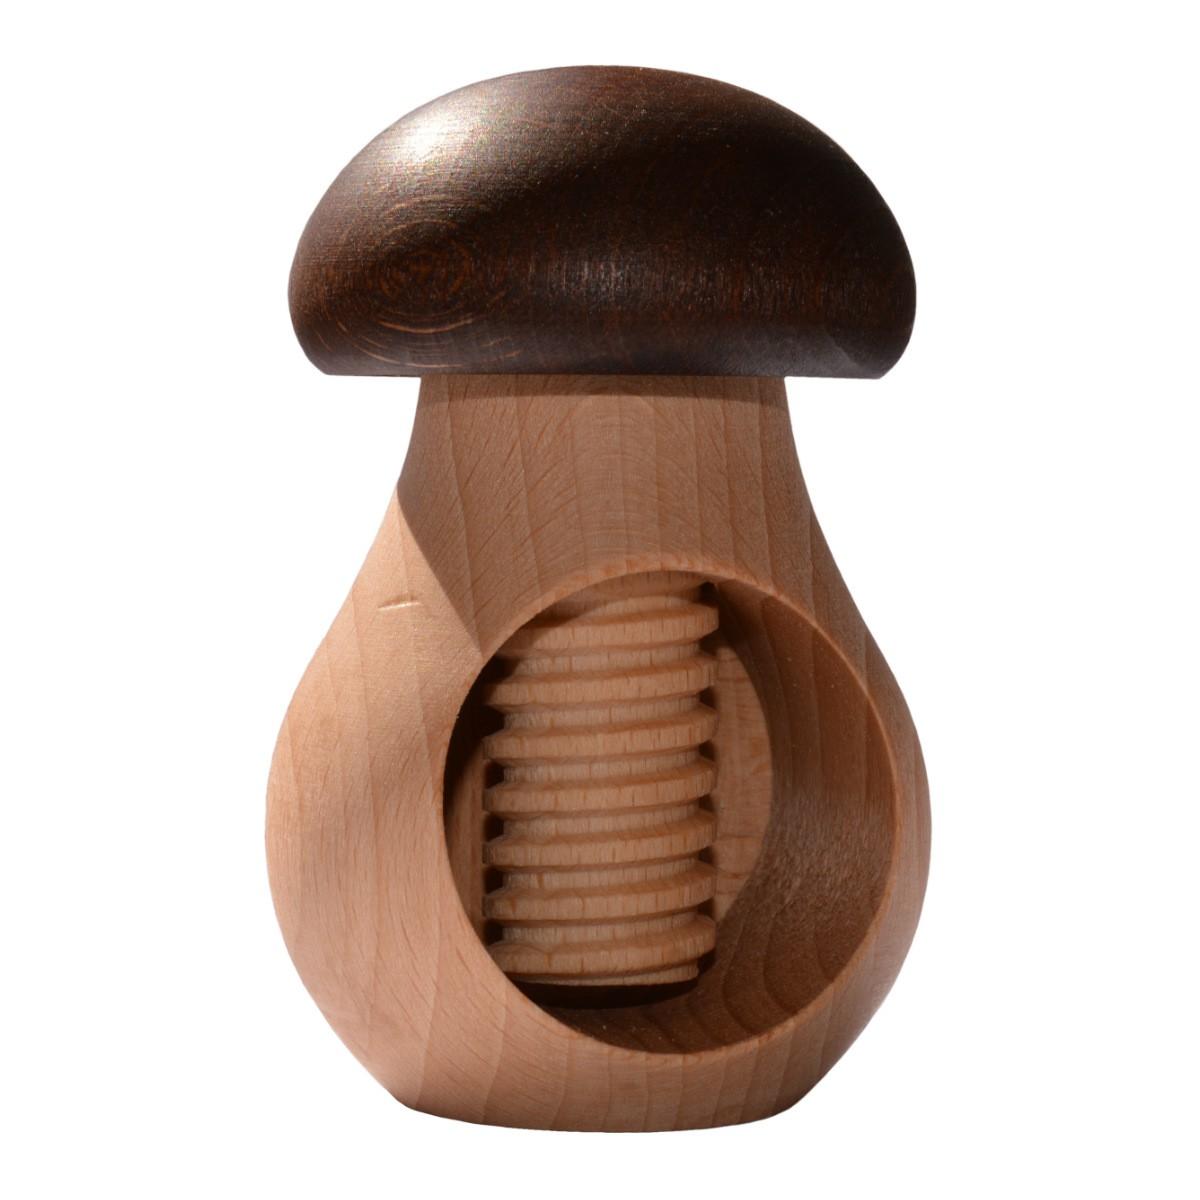 Nussknacker pilz aus holz mit schraube zum einfachen - Pilze basteln aus holz ...